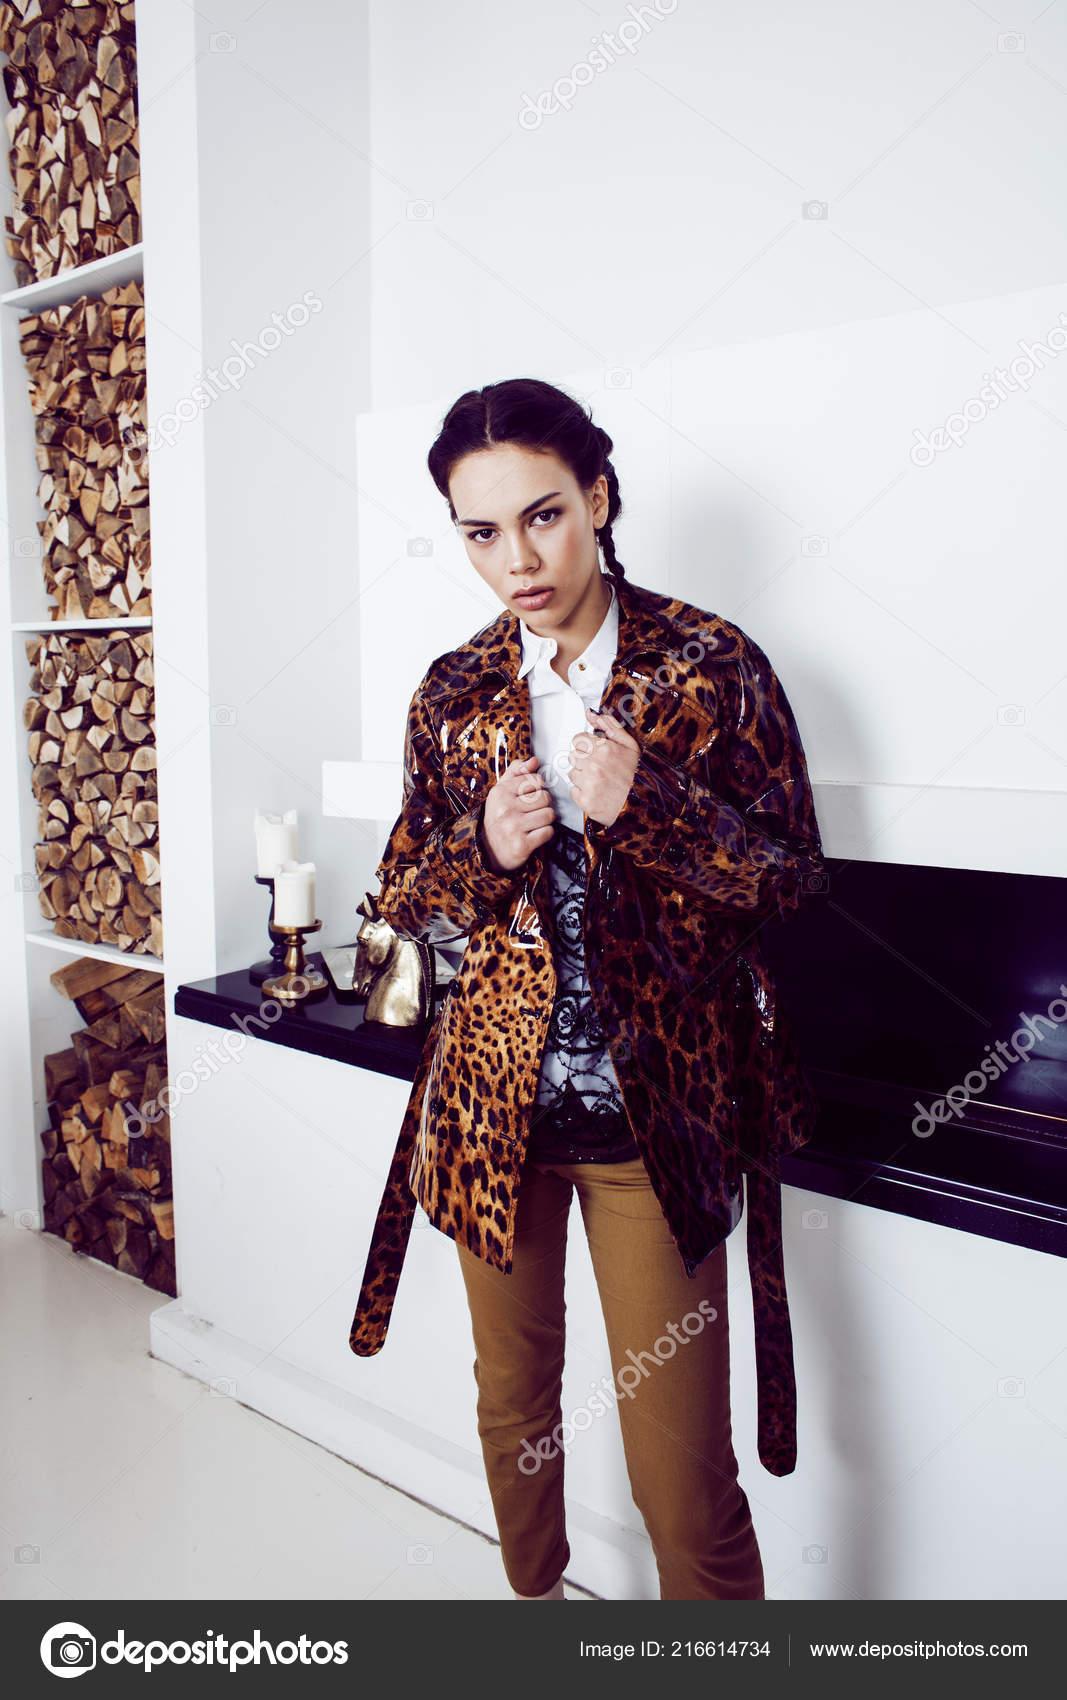 8db6590fd Bastante elegante mujer en vestido de moda con estampado de leopardo en  lujo ricos interiores